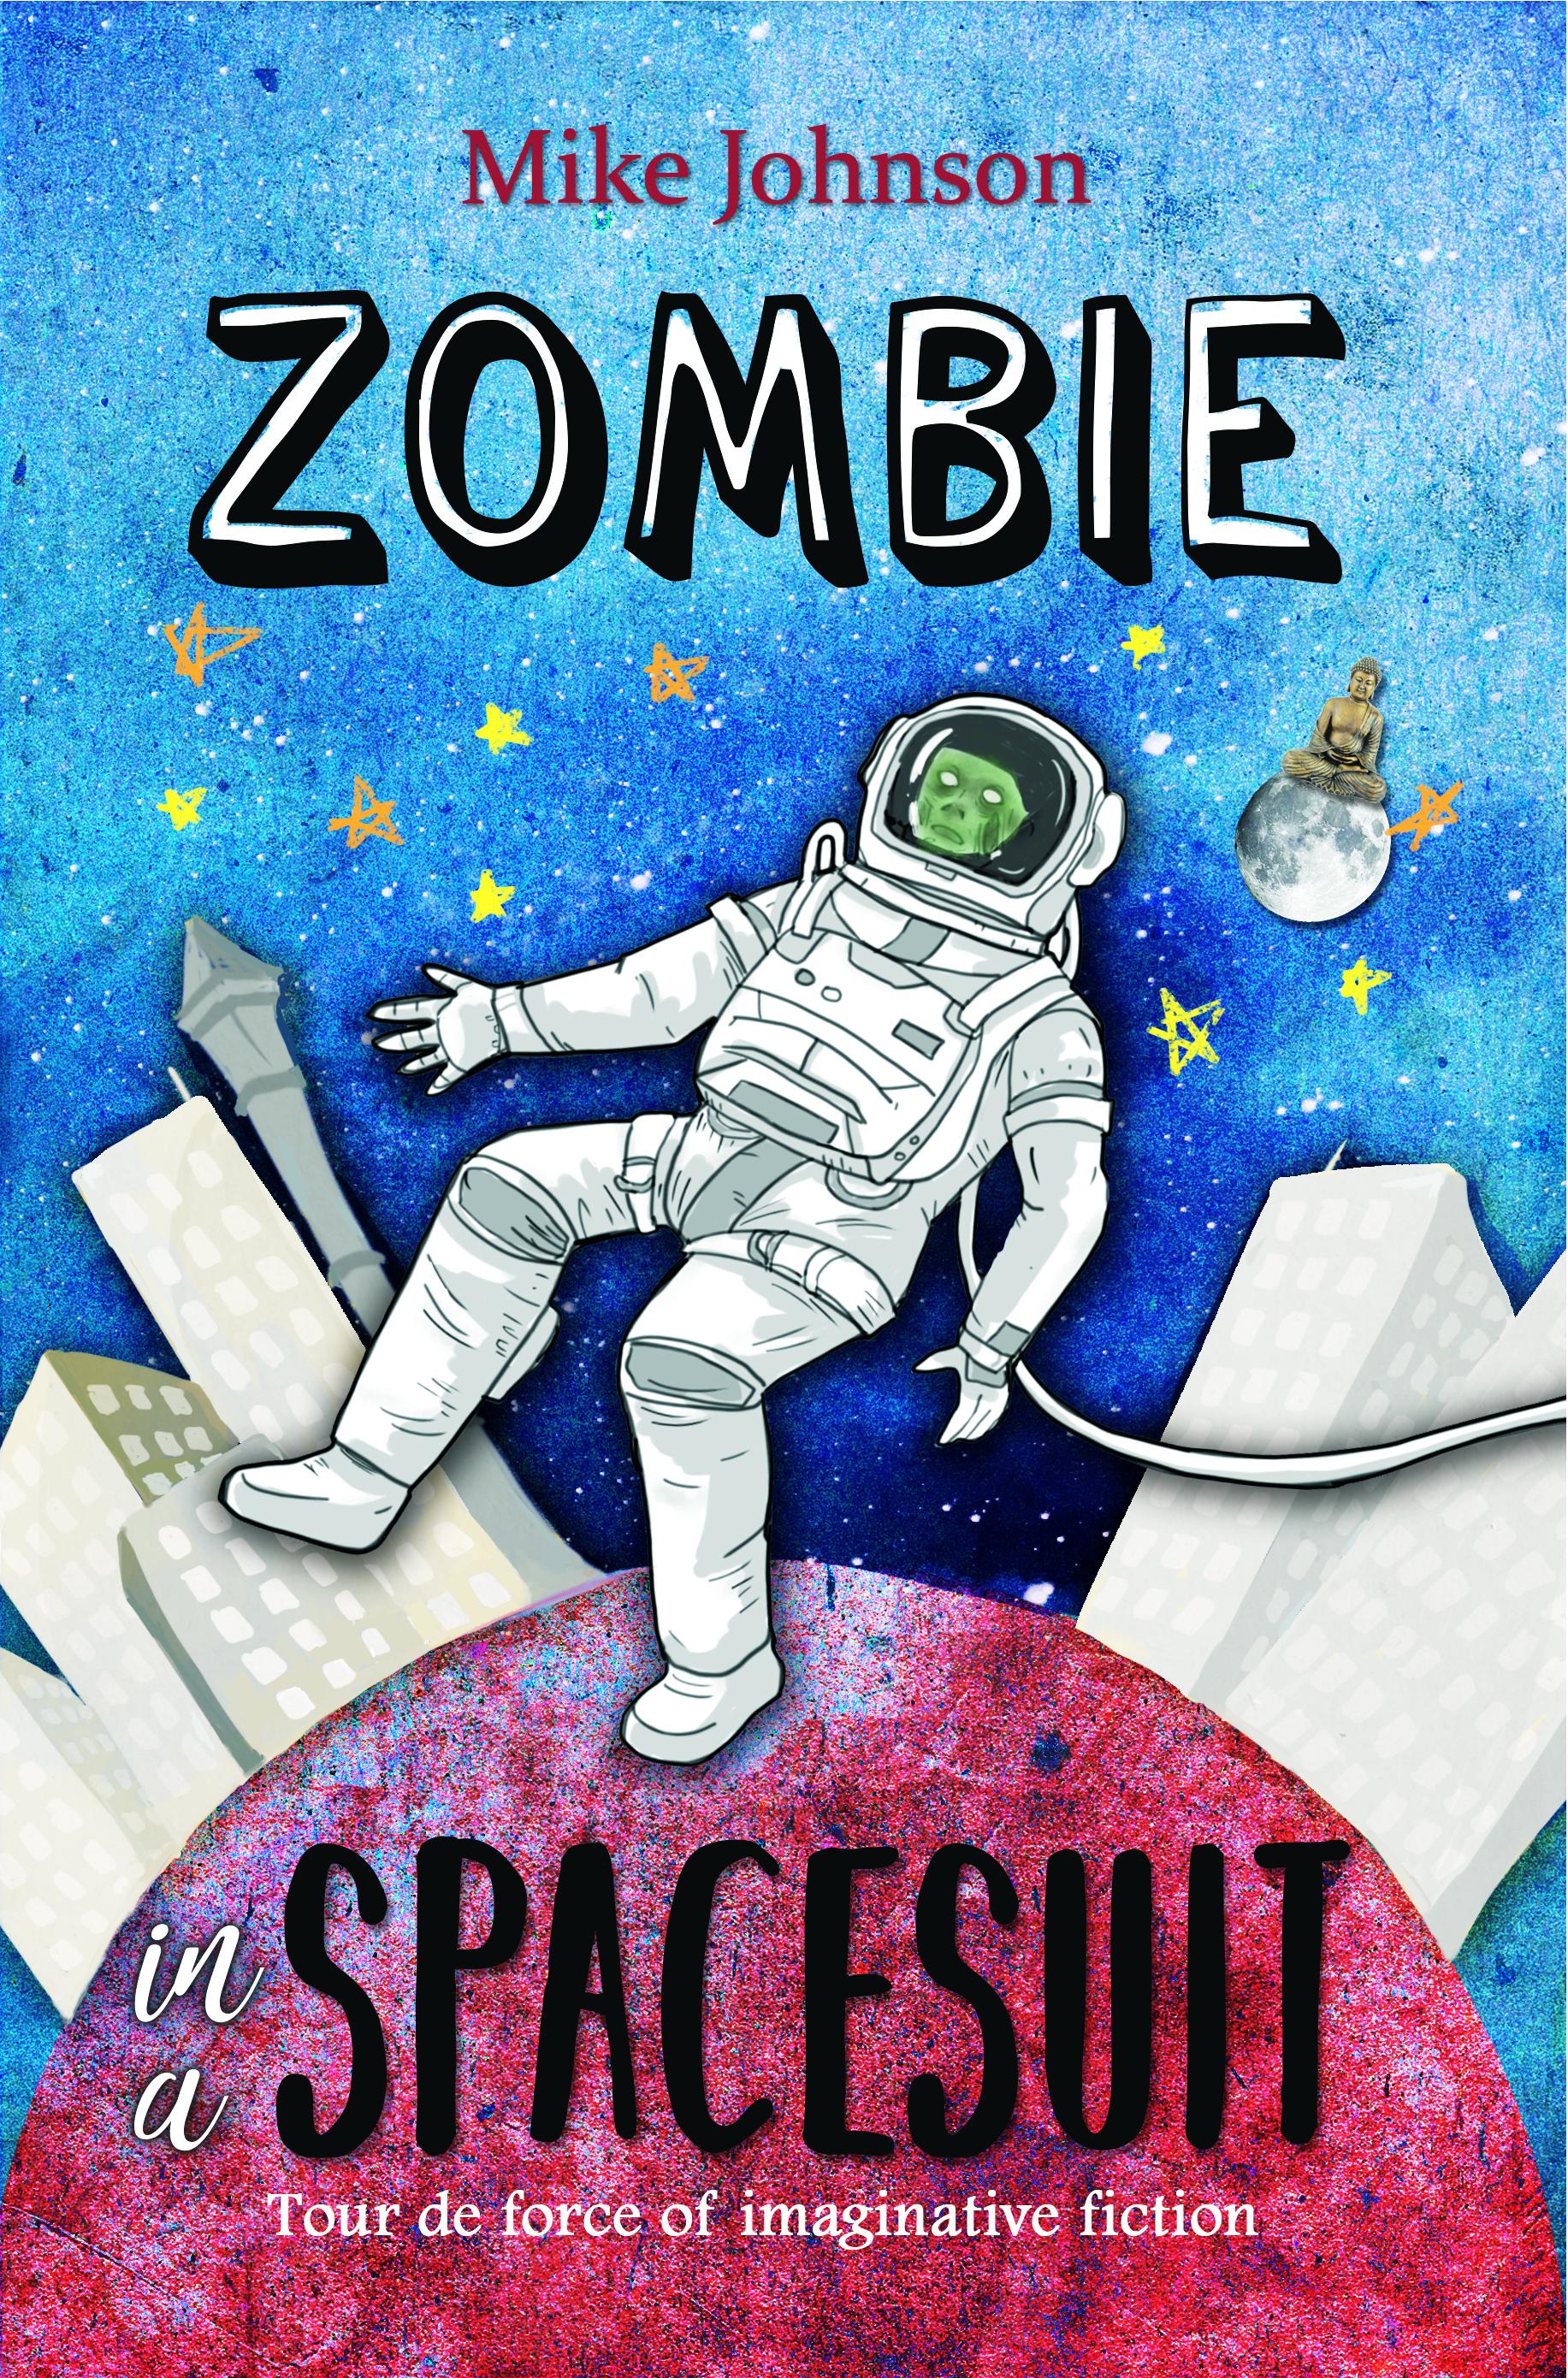 Zombie in a Spacesuit gallery.jpg